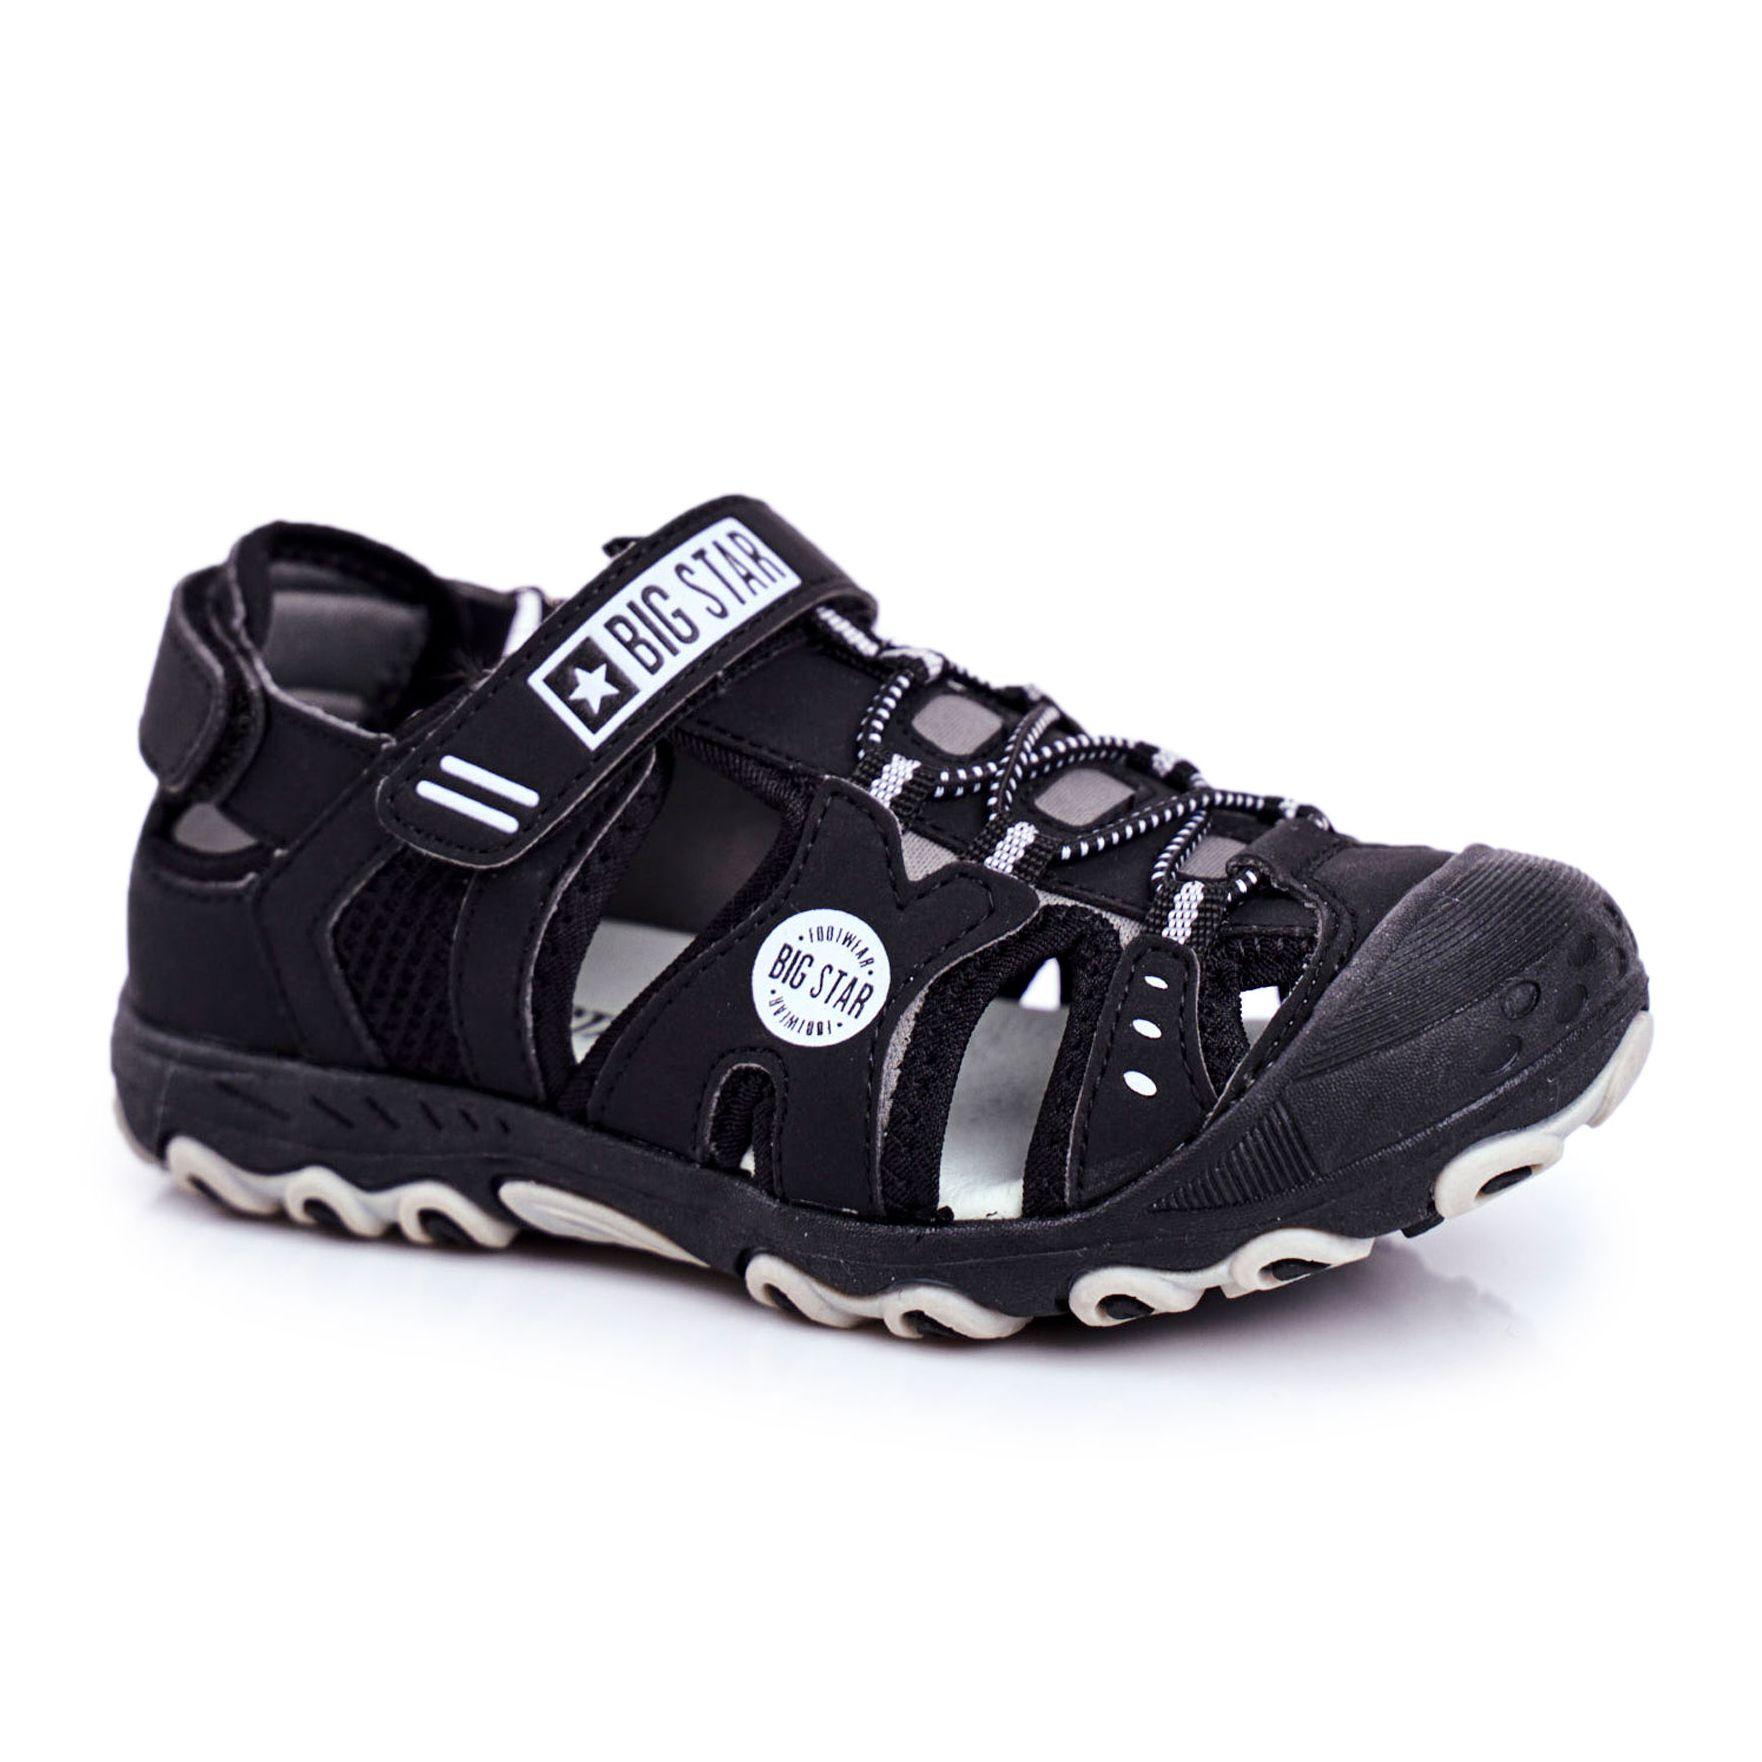 Sandalki Dzieciece Big Star Na Rzepy Czarne Ff374210 Sketchers Sneakers Shoes Sneakers